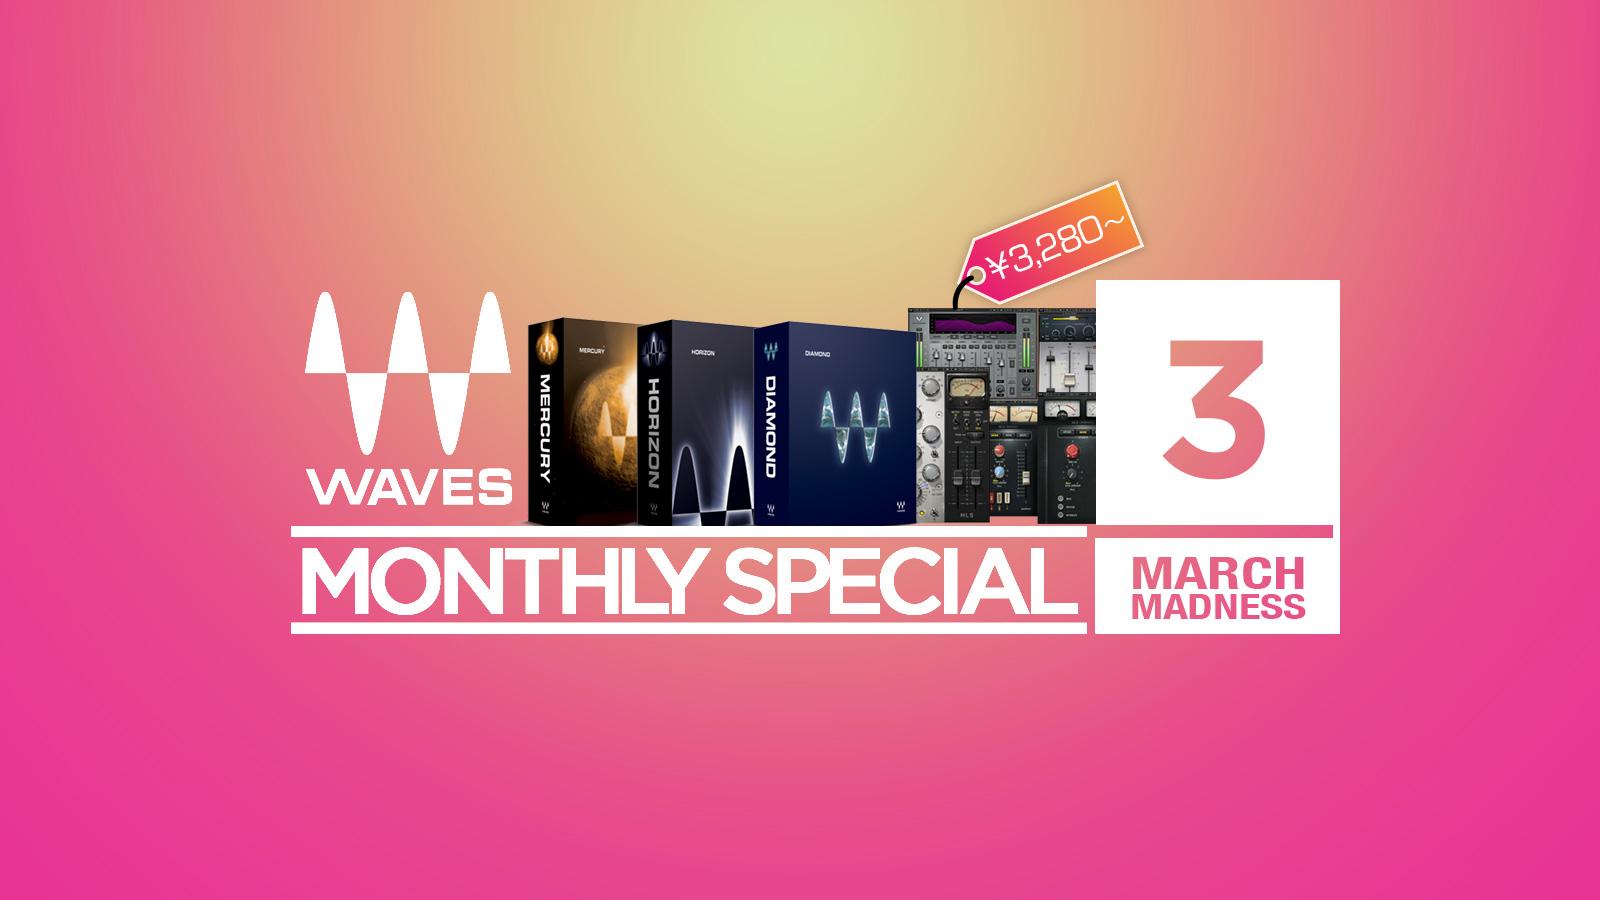 ベーシック・バンドルなどが過去最大のバリュー!Waves March Madness 2018